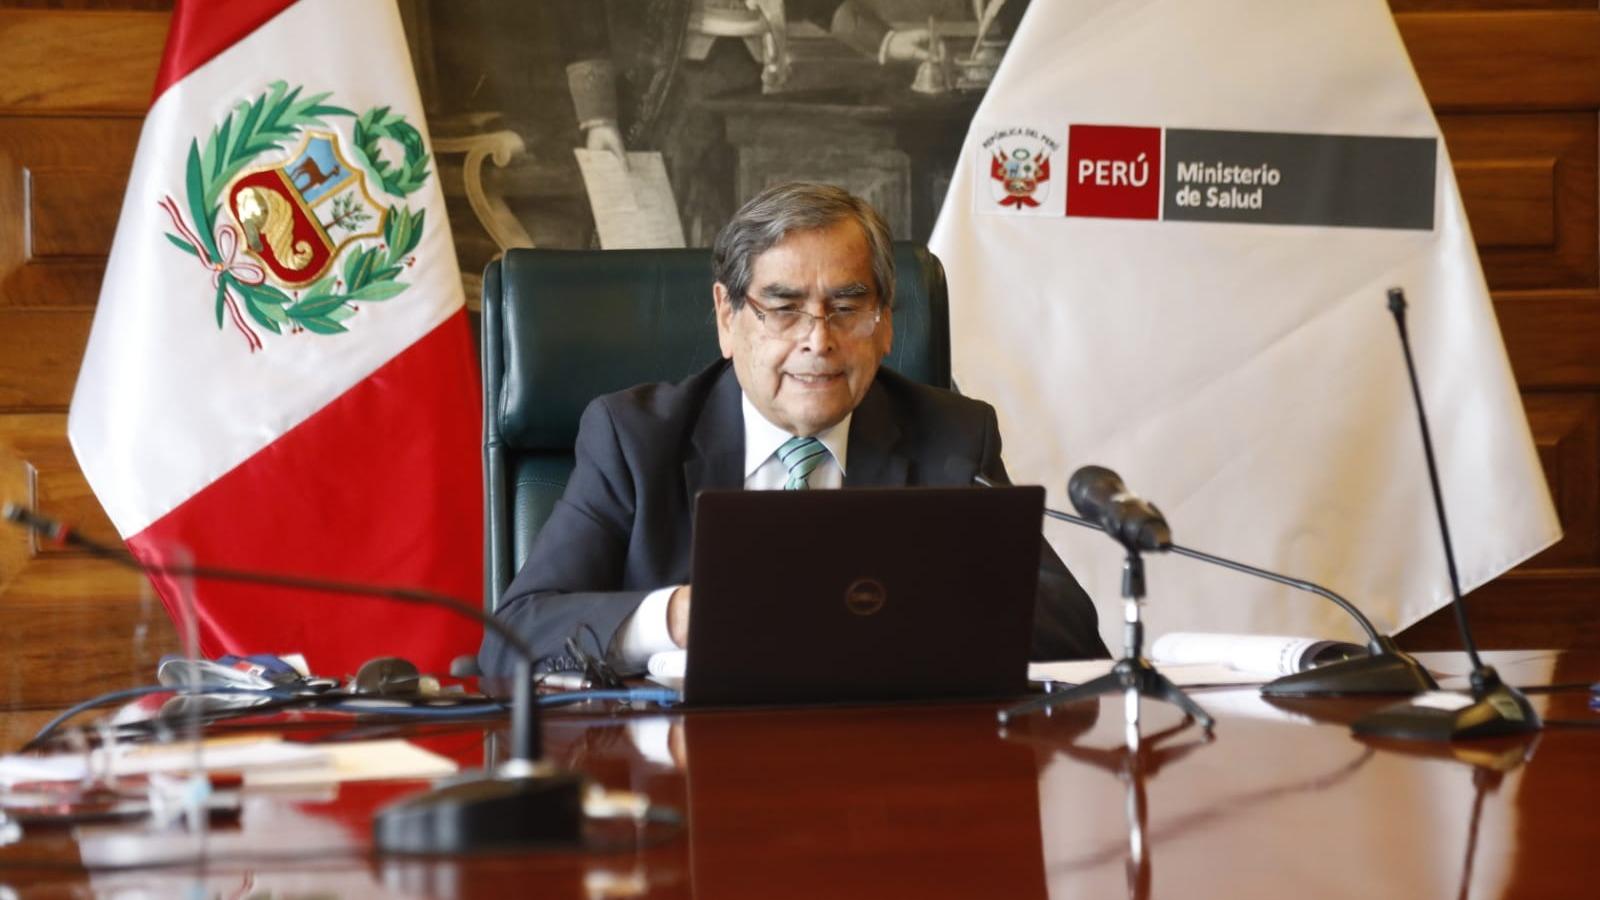 Óscar Ugarte, ministro de Salud, se refirió a la situación de la COVID-19 en el país.